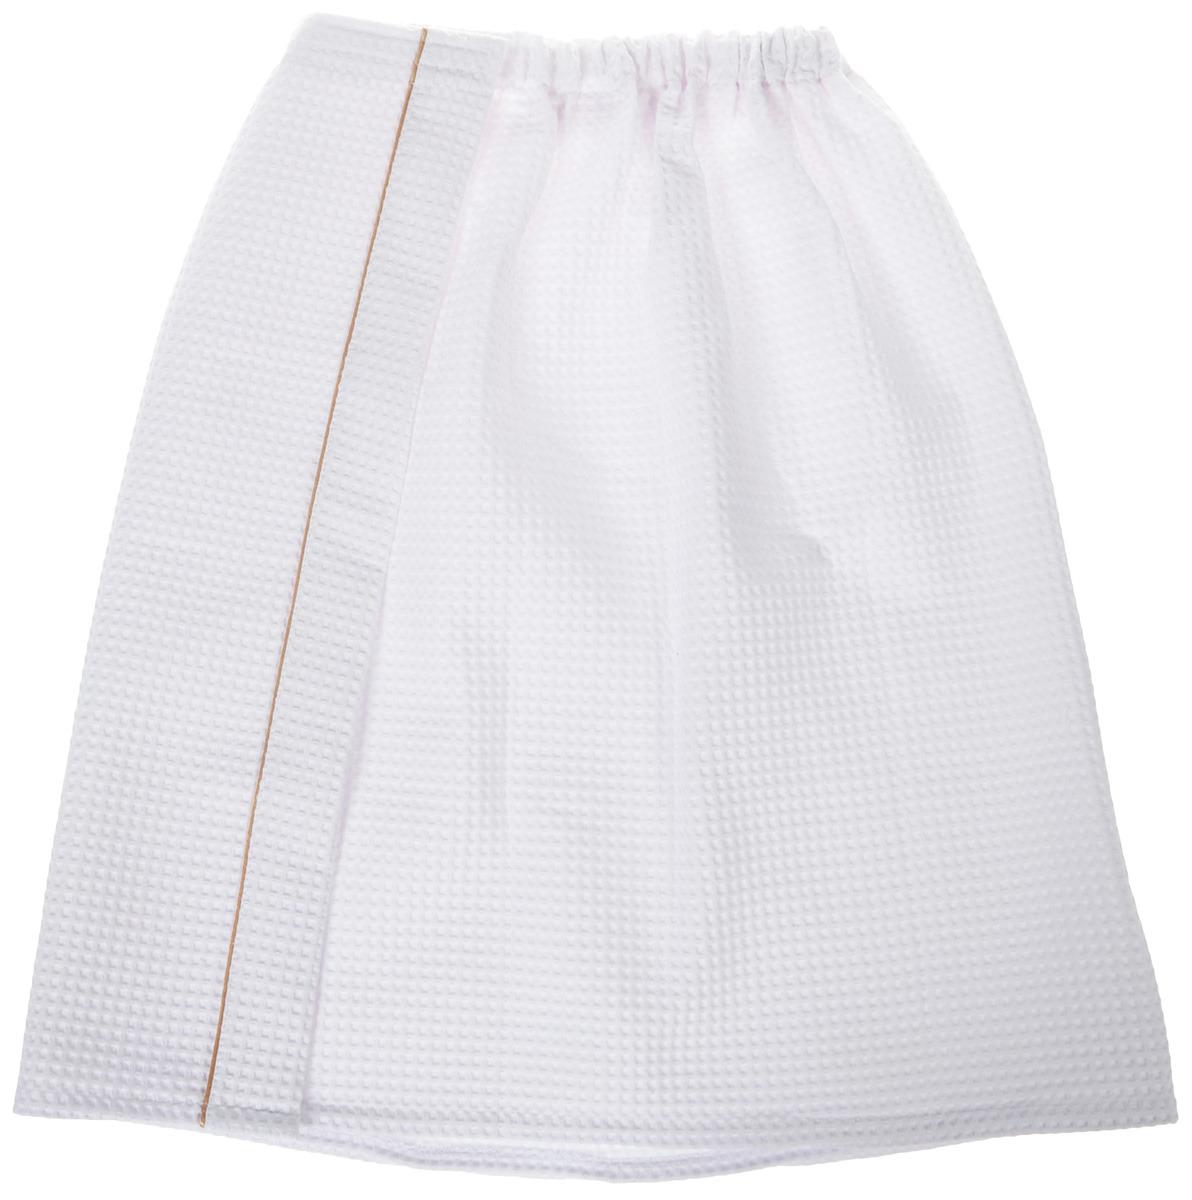 Килт для бани и сауны Доктор Баня, универсальный, цвет: белый, 150 х 70 см шапка для бани и сауны доктор баня универсальная цвет темно серый